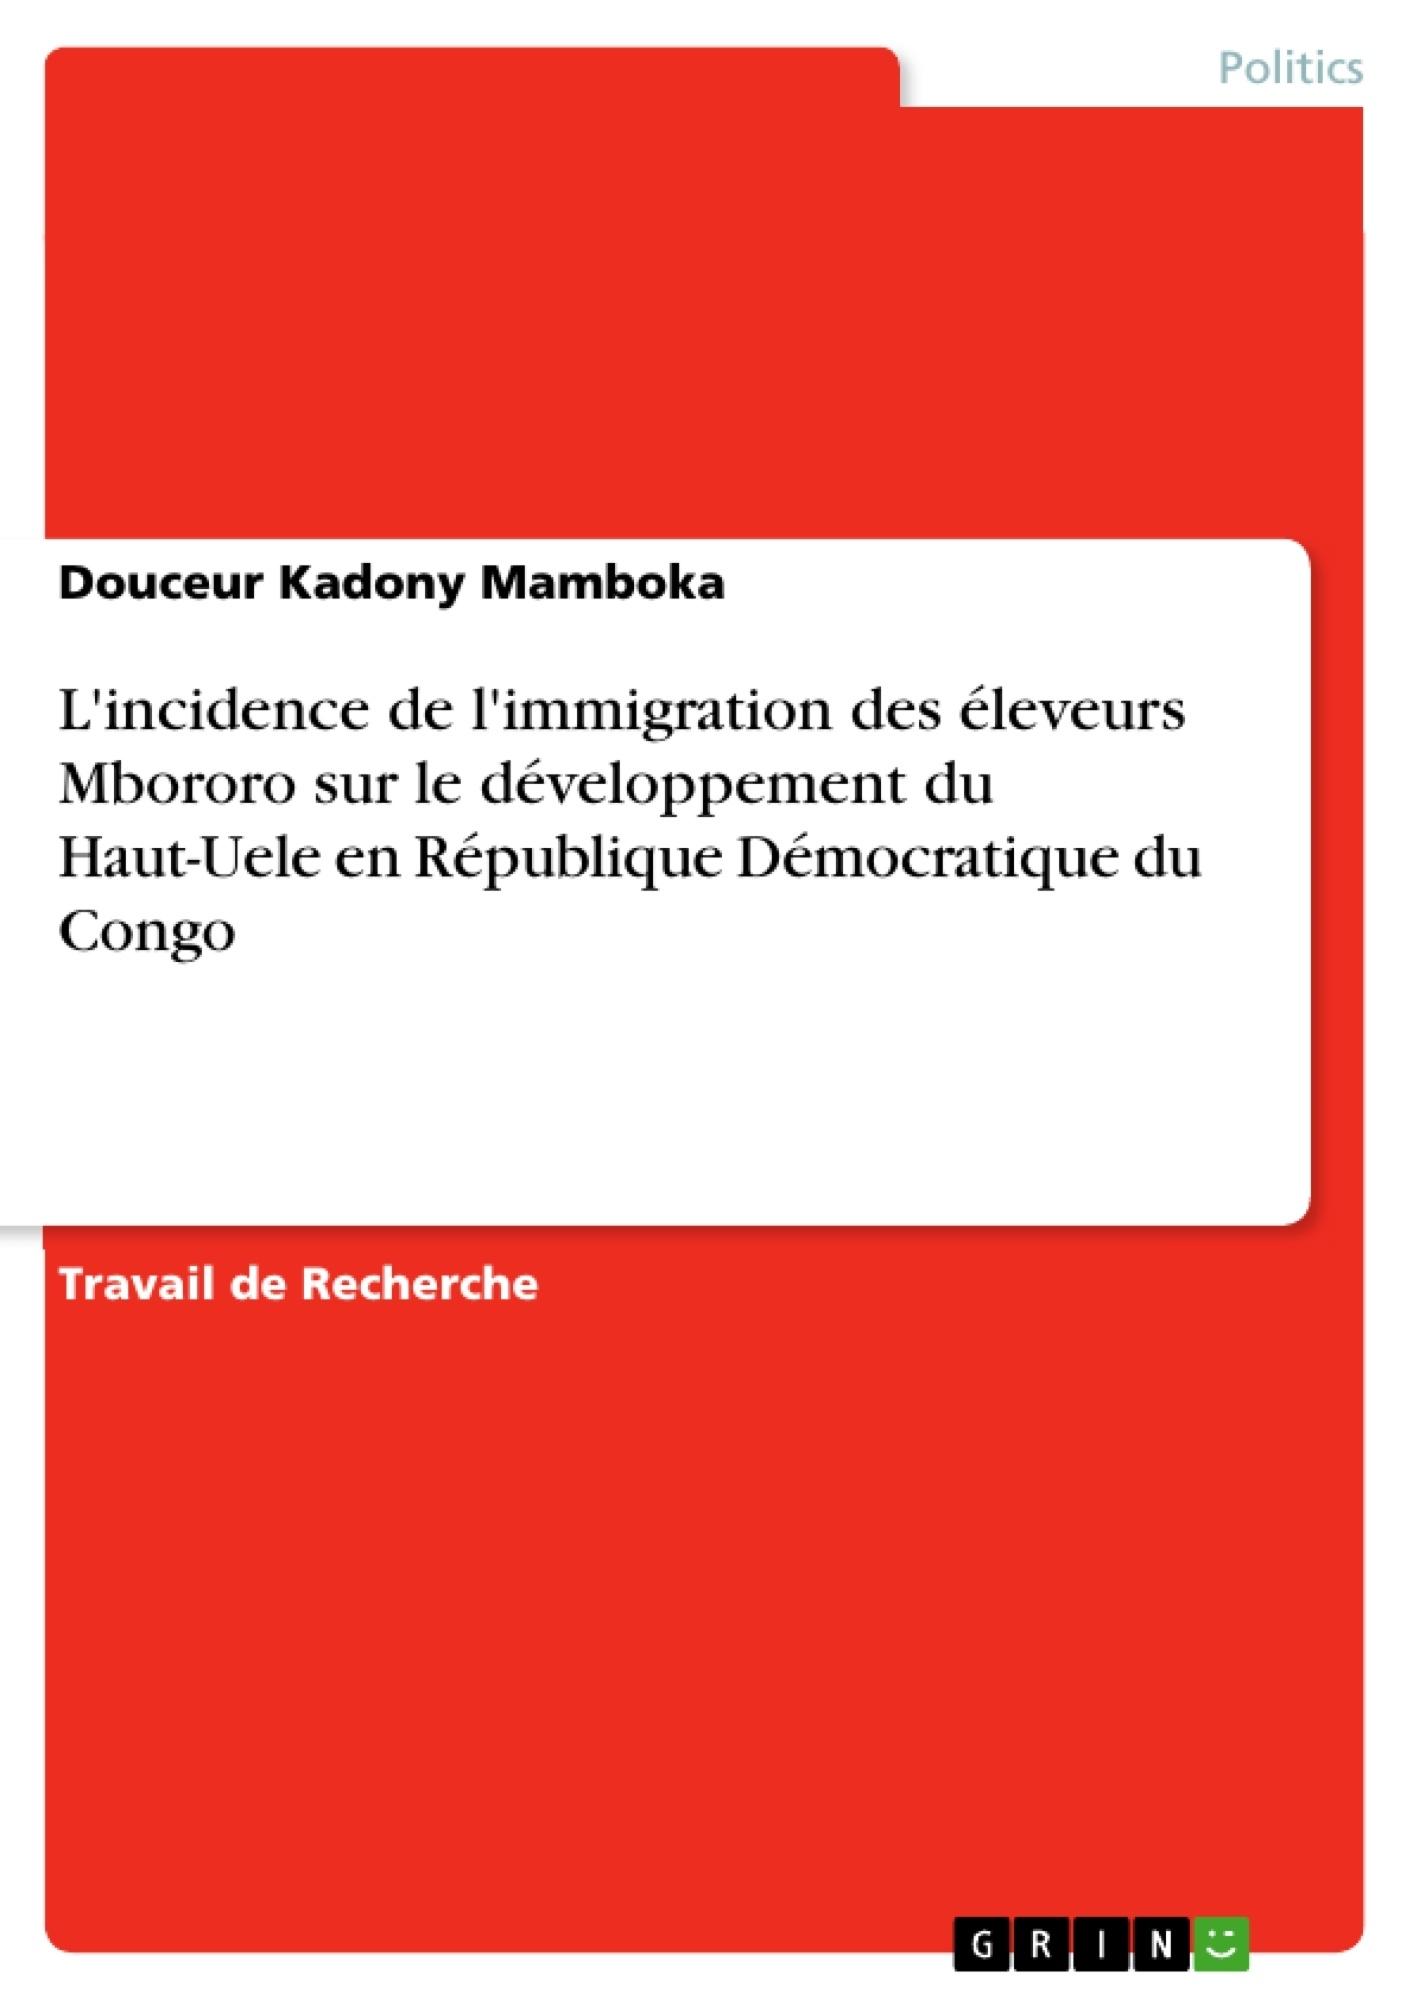 Titre: L'incidence de l'immigration des éleveurs Mbororo sur le développement du Haut-Uele en République Démocratique du Congo